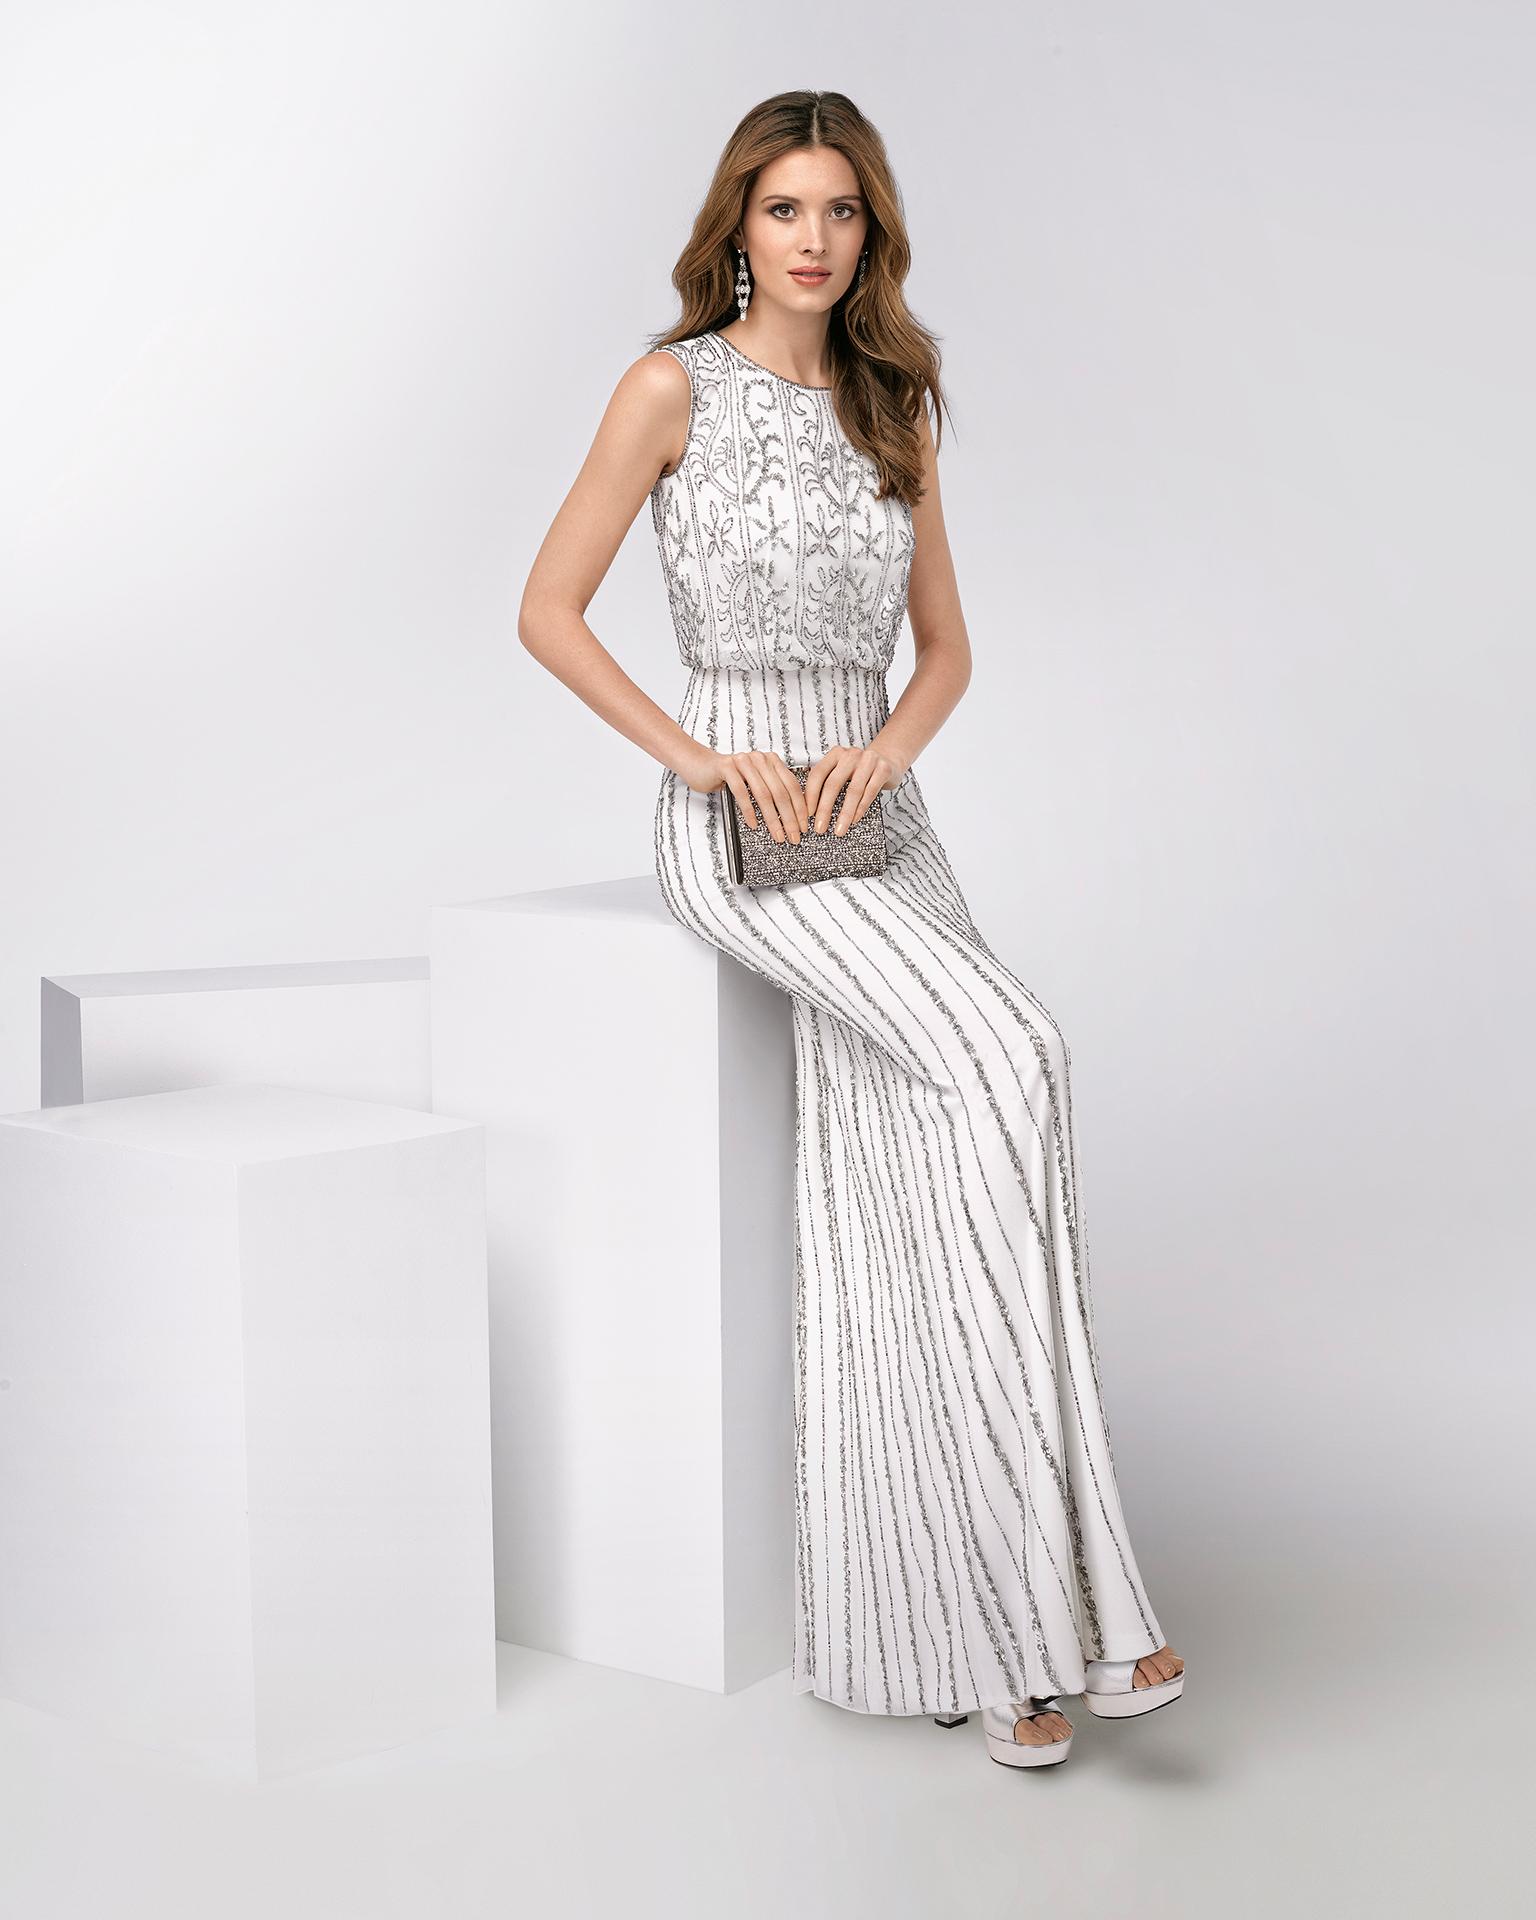 Vestido de fiesta largo sin mangas con pedrería. Disponible en color plata/marfil. Colección FIESTA AIRE BARCELONA 2018.